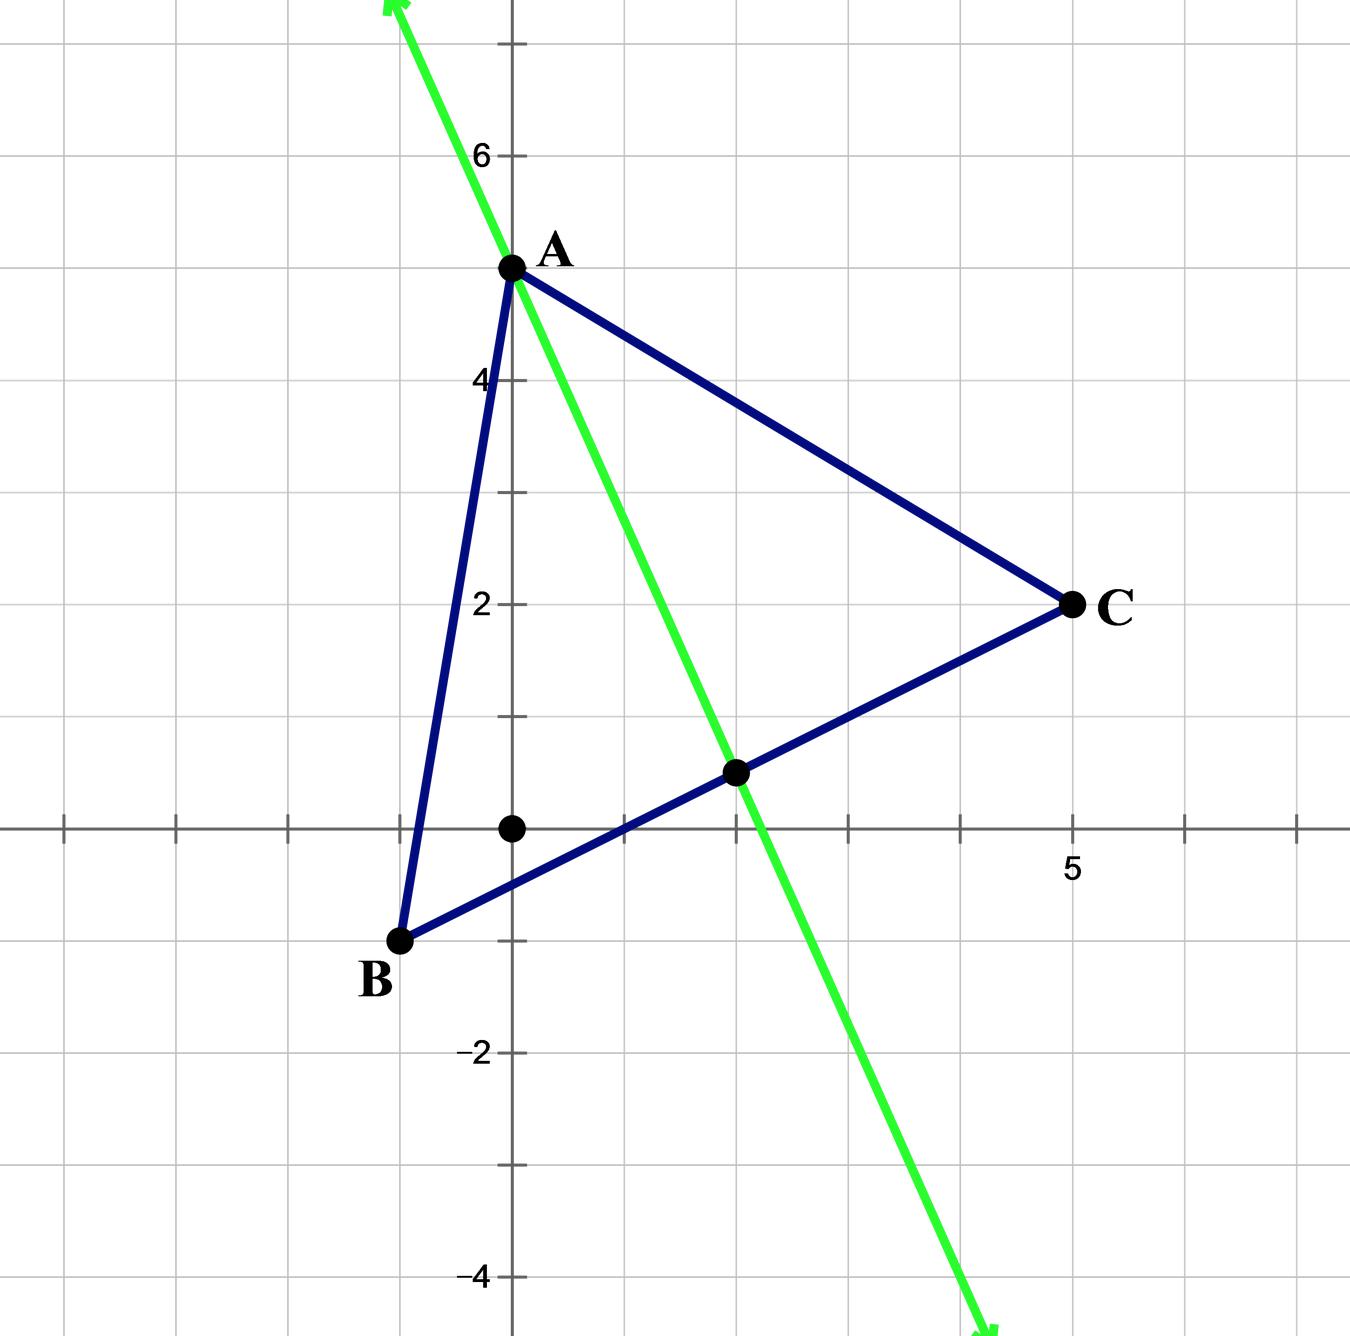 gmat-math